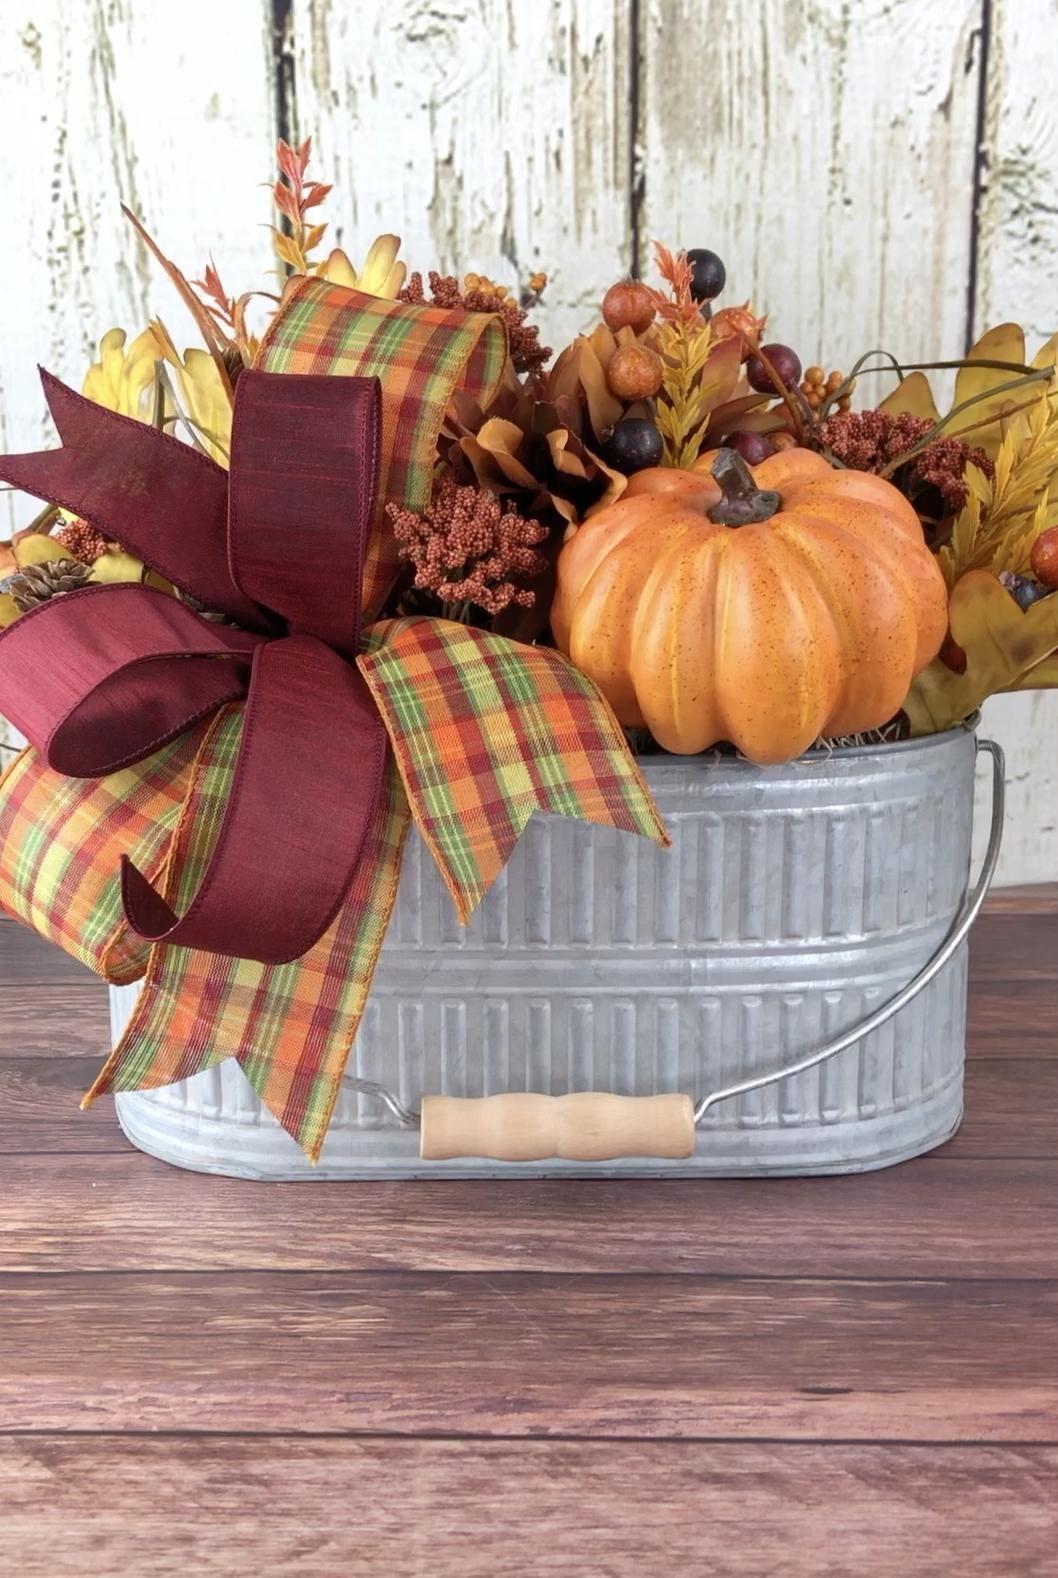 Fall centerpiece, fall table arrangement, fall decor, pumpkin centerpiece, Thanksgiving decor -   18 thanksgiving home decor ideas